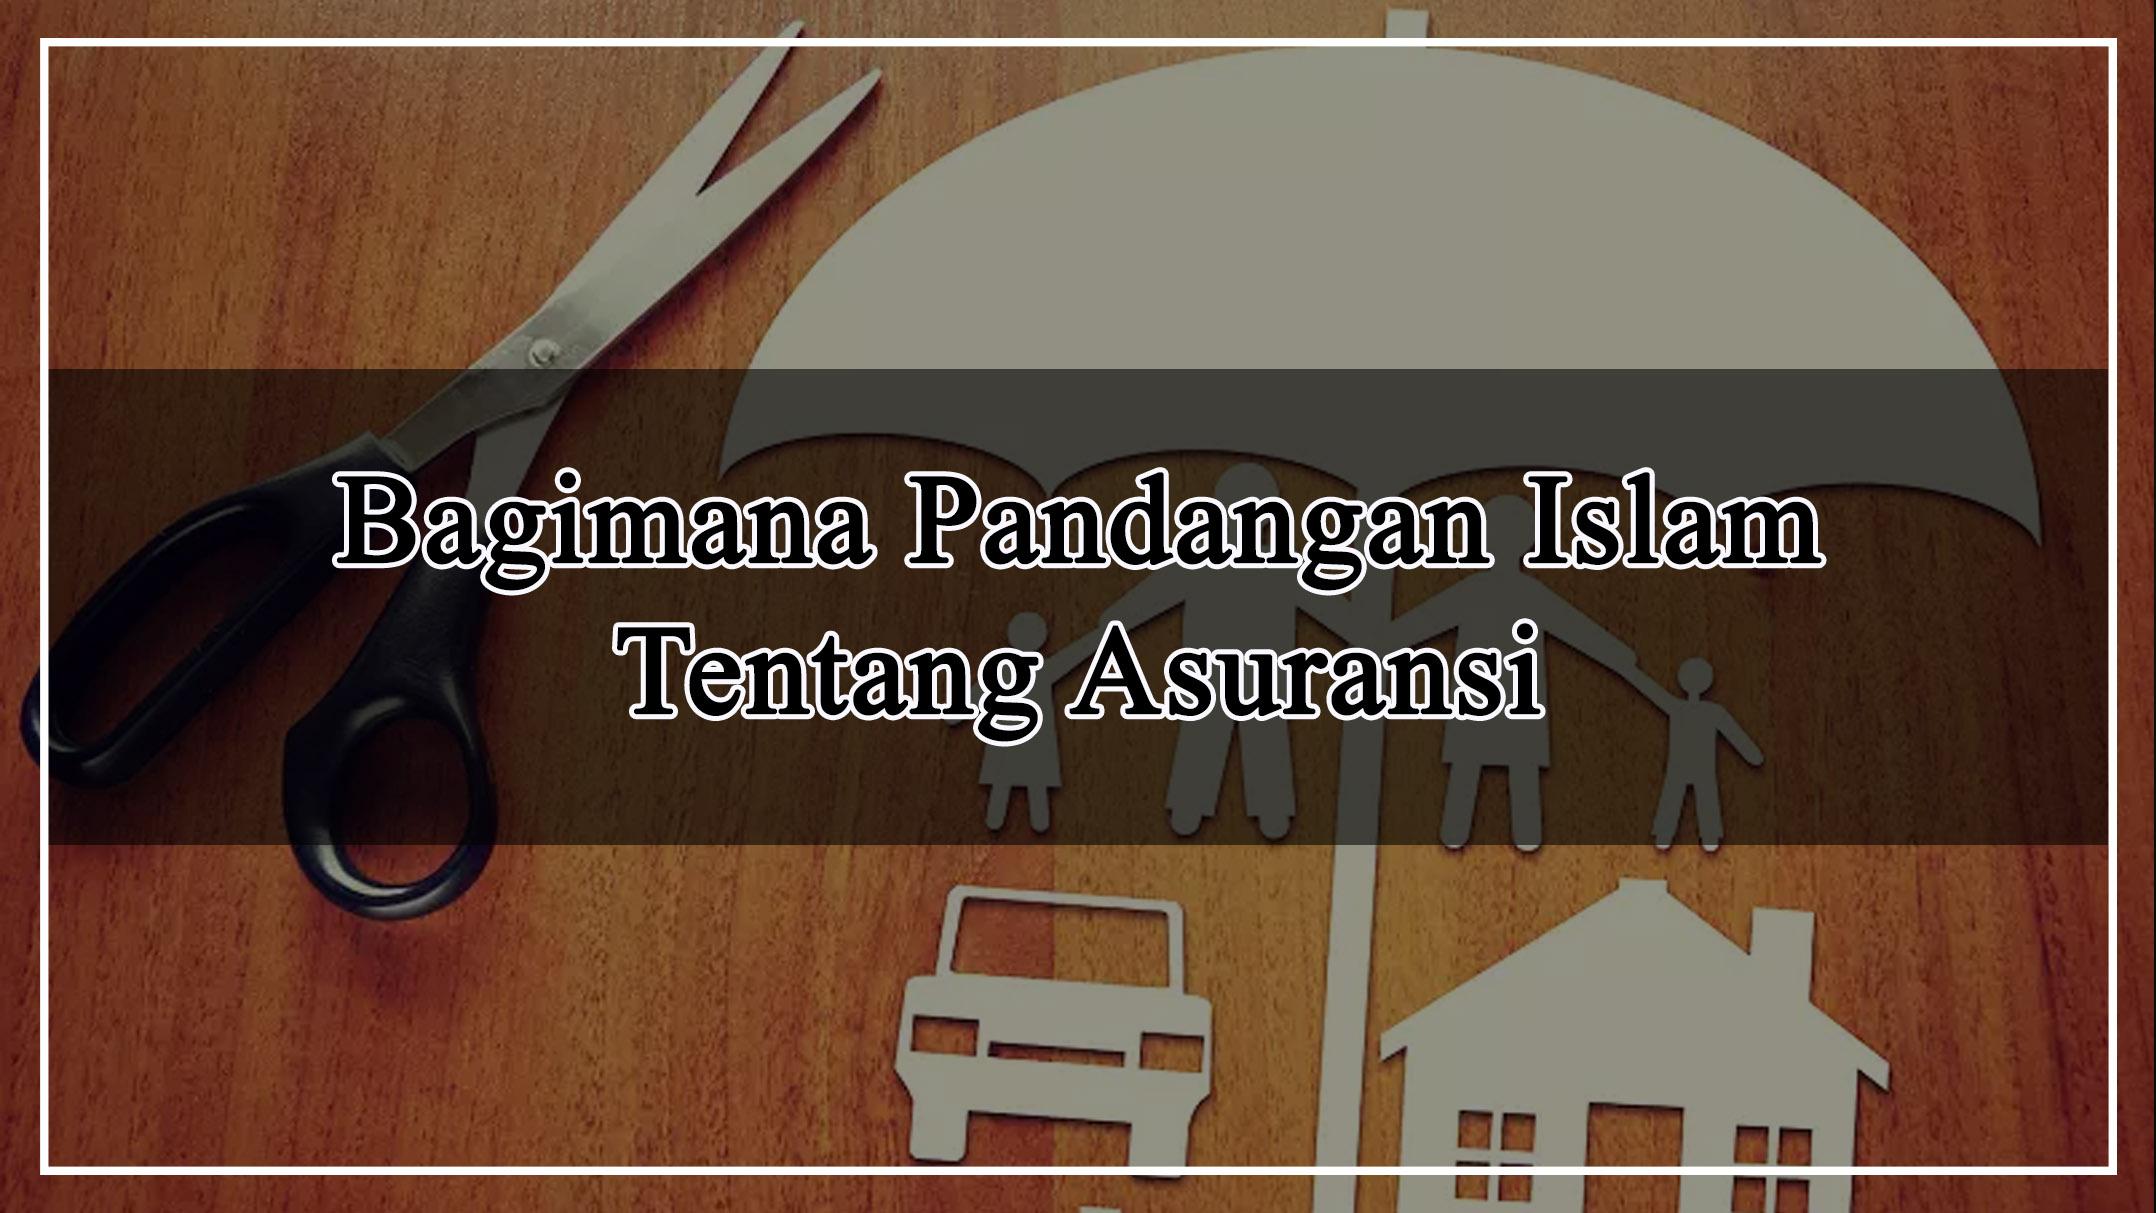 Bagimana Pandangan Islam Tentang Asuransi